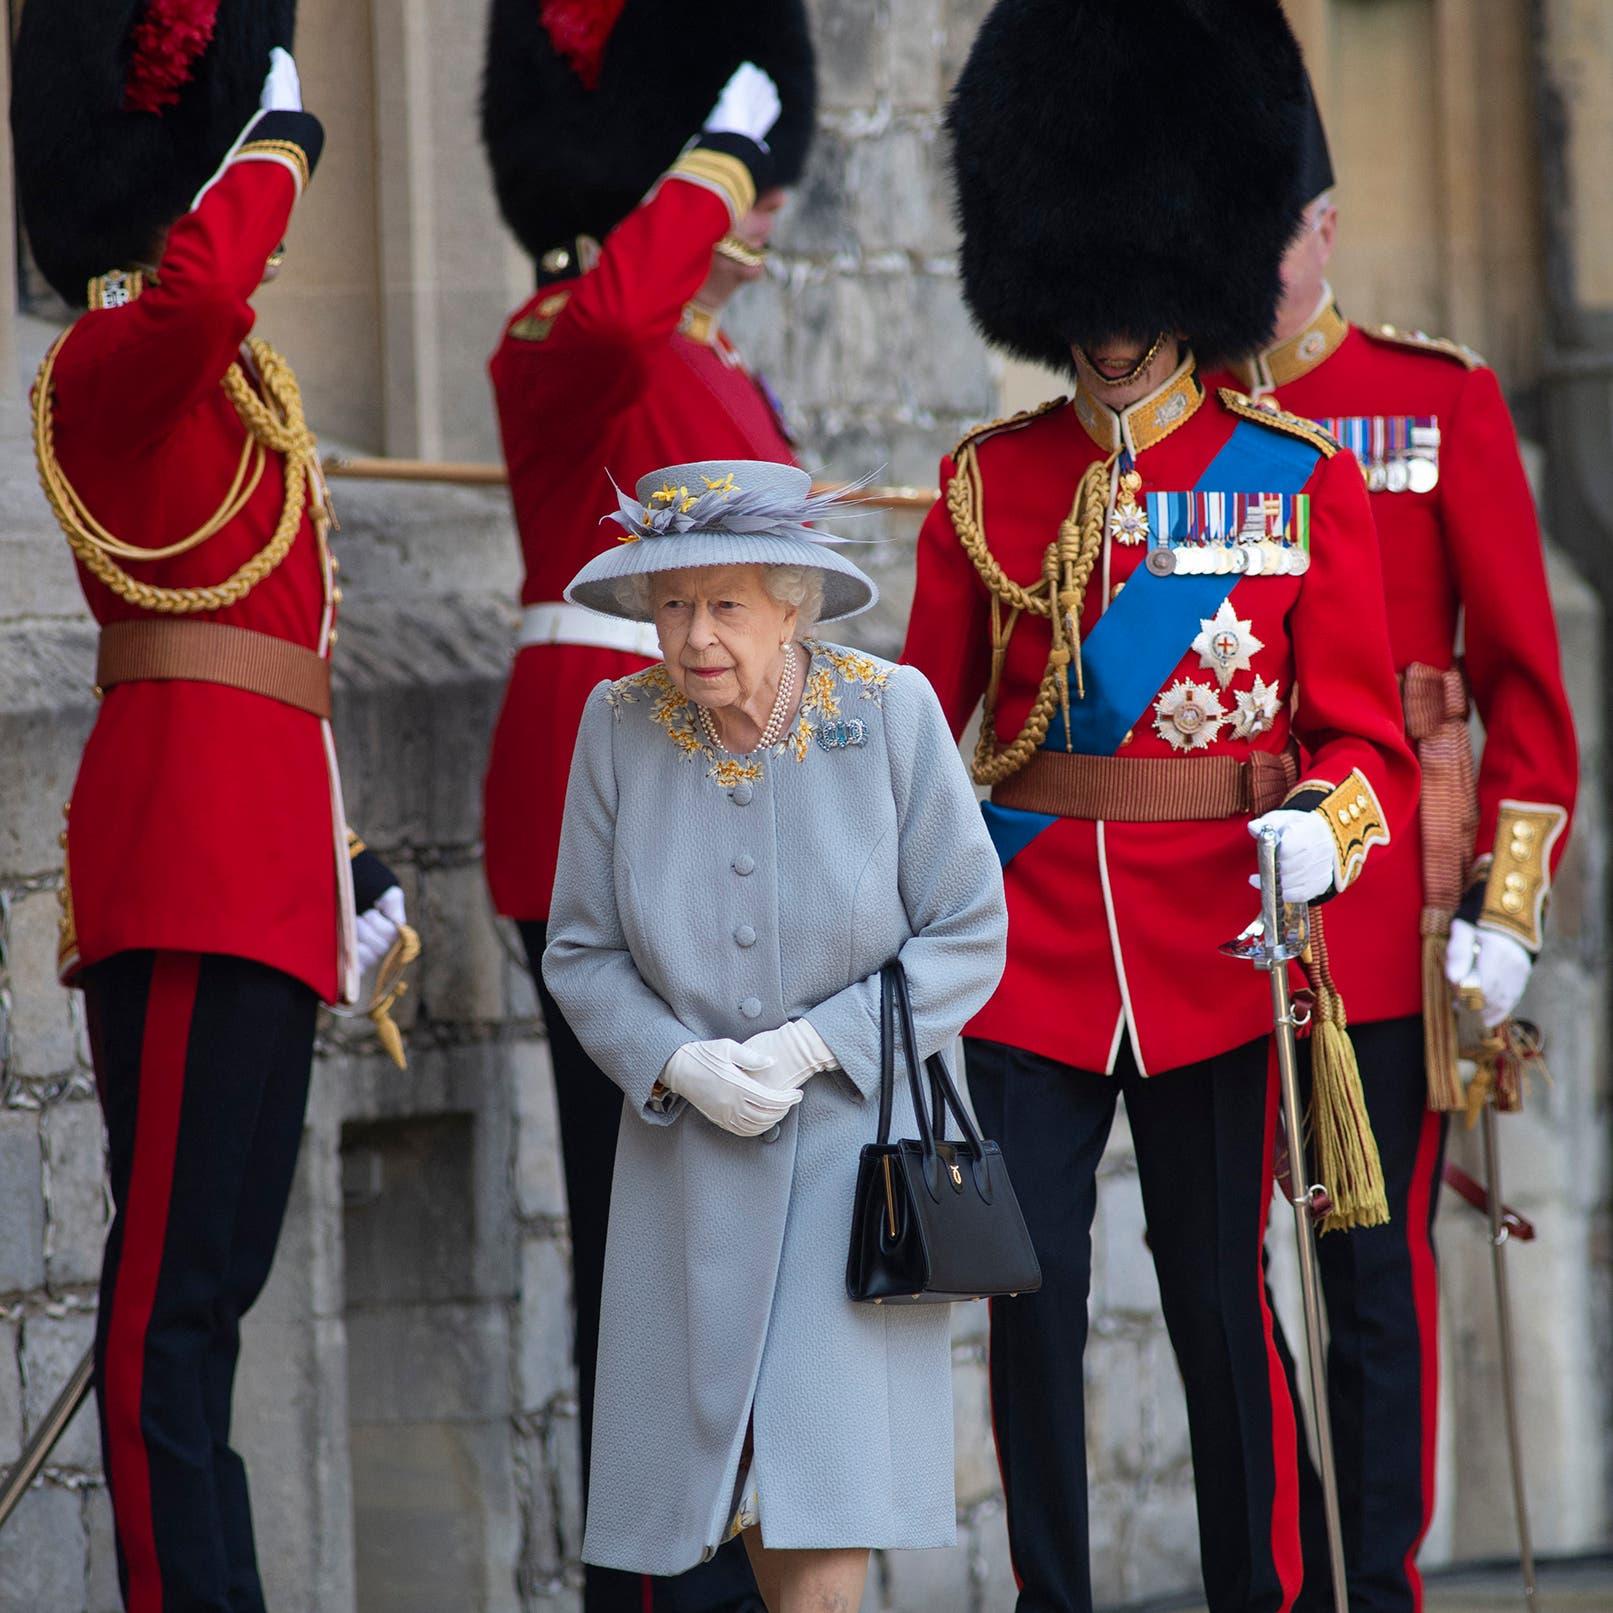 لأول مرة دون فيليب.. الملكة إليزابيث تحضر مراسم ميلادها